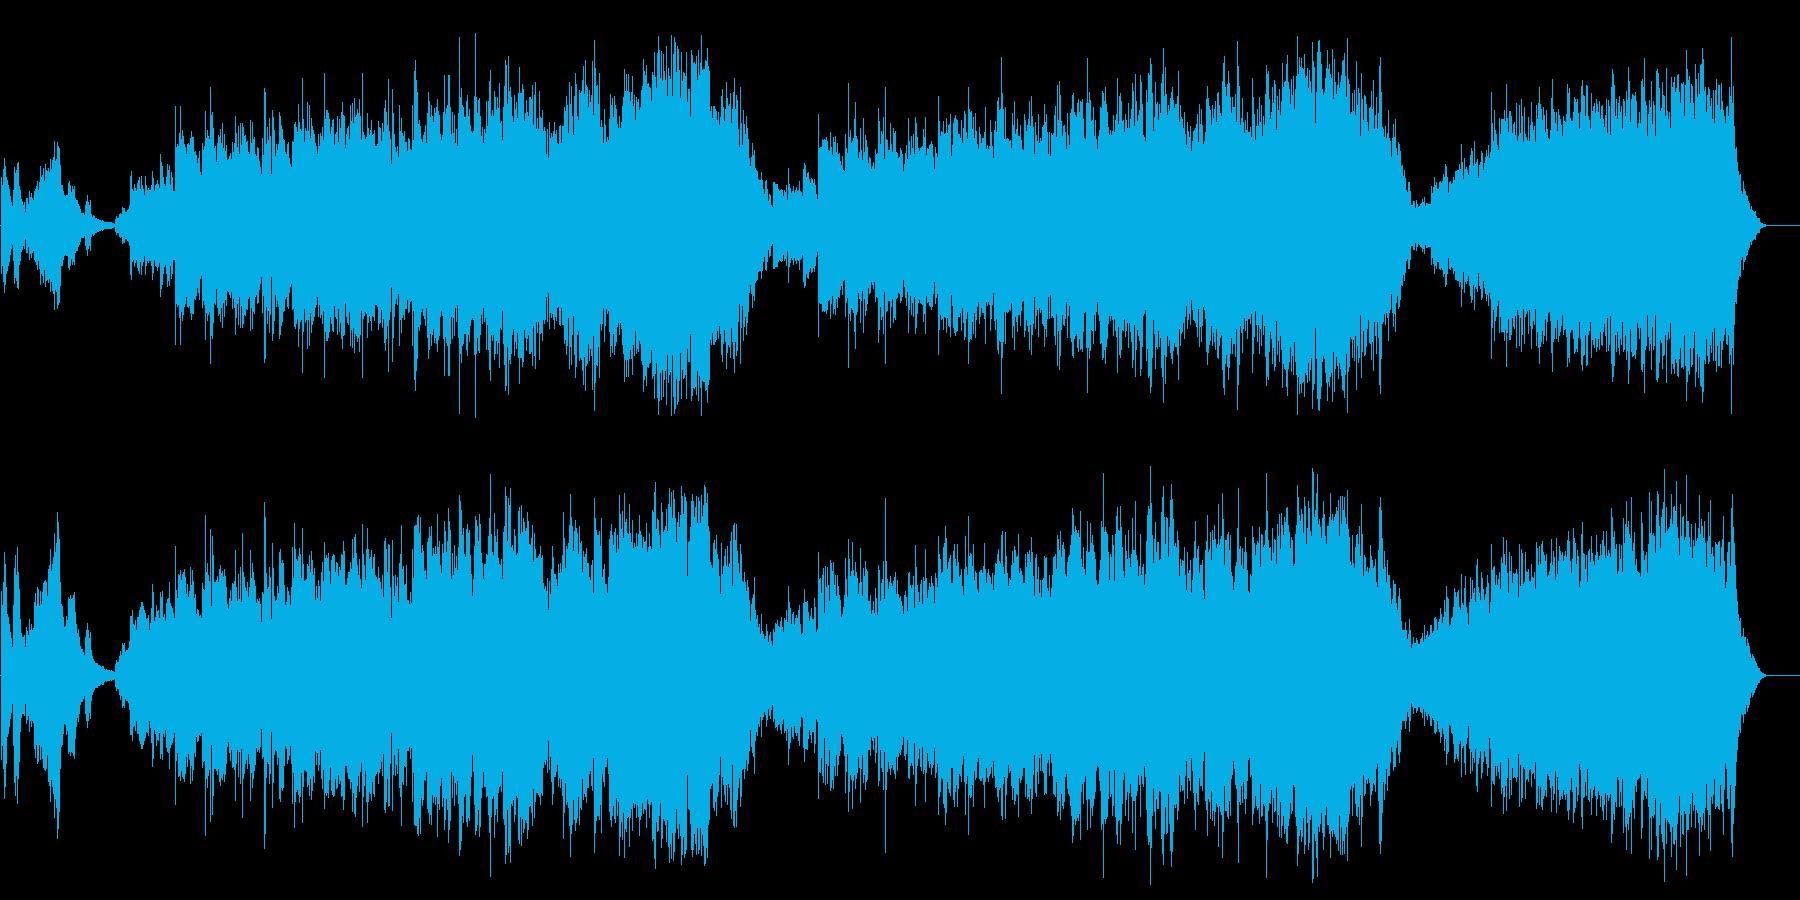 リラクセイション系 精神安定サウンドの再生済みの波形